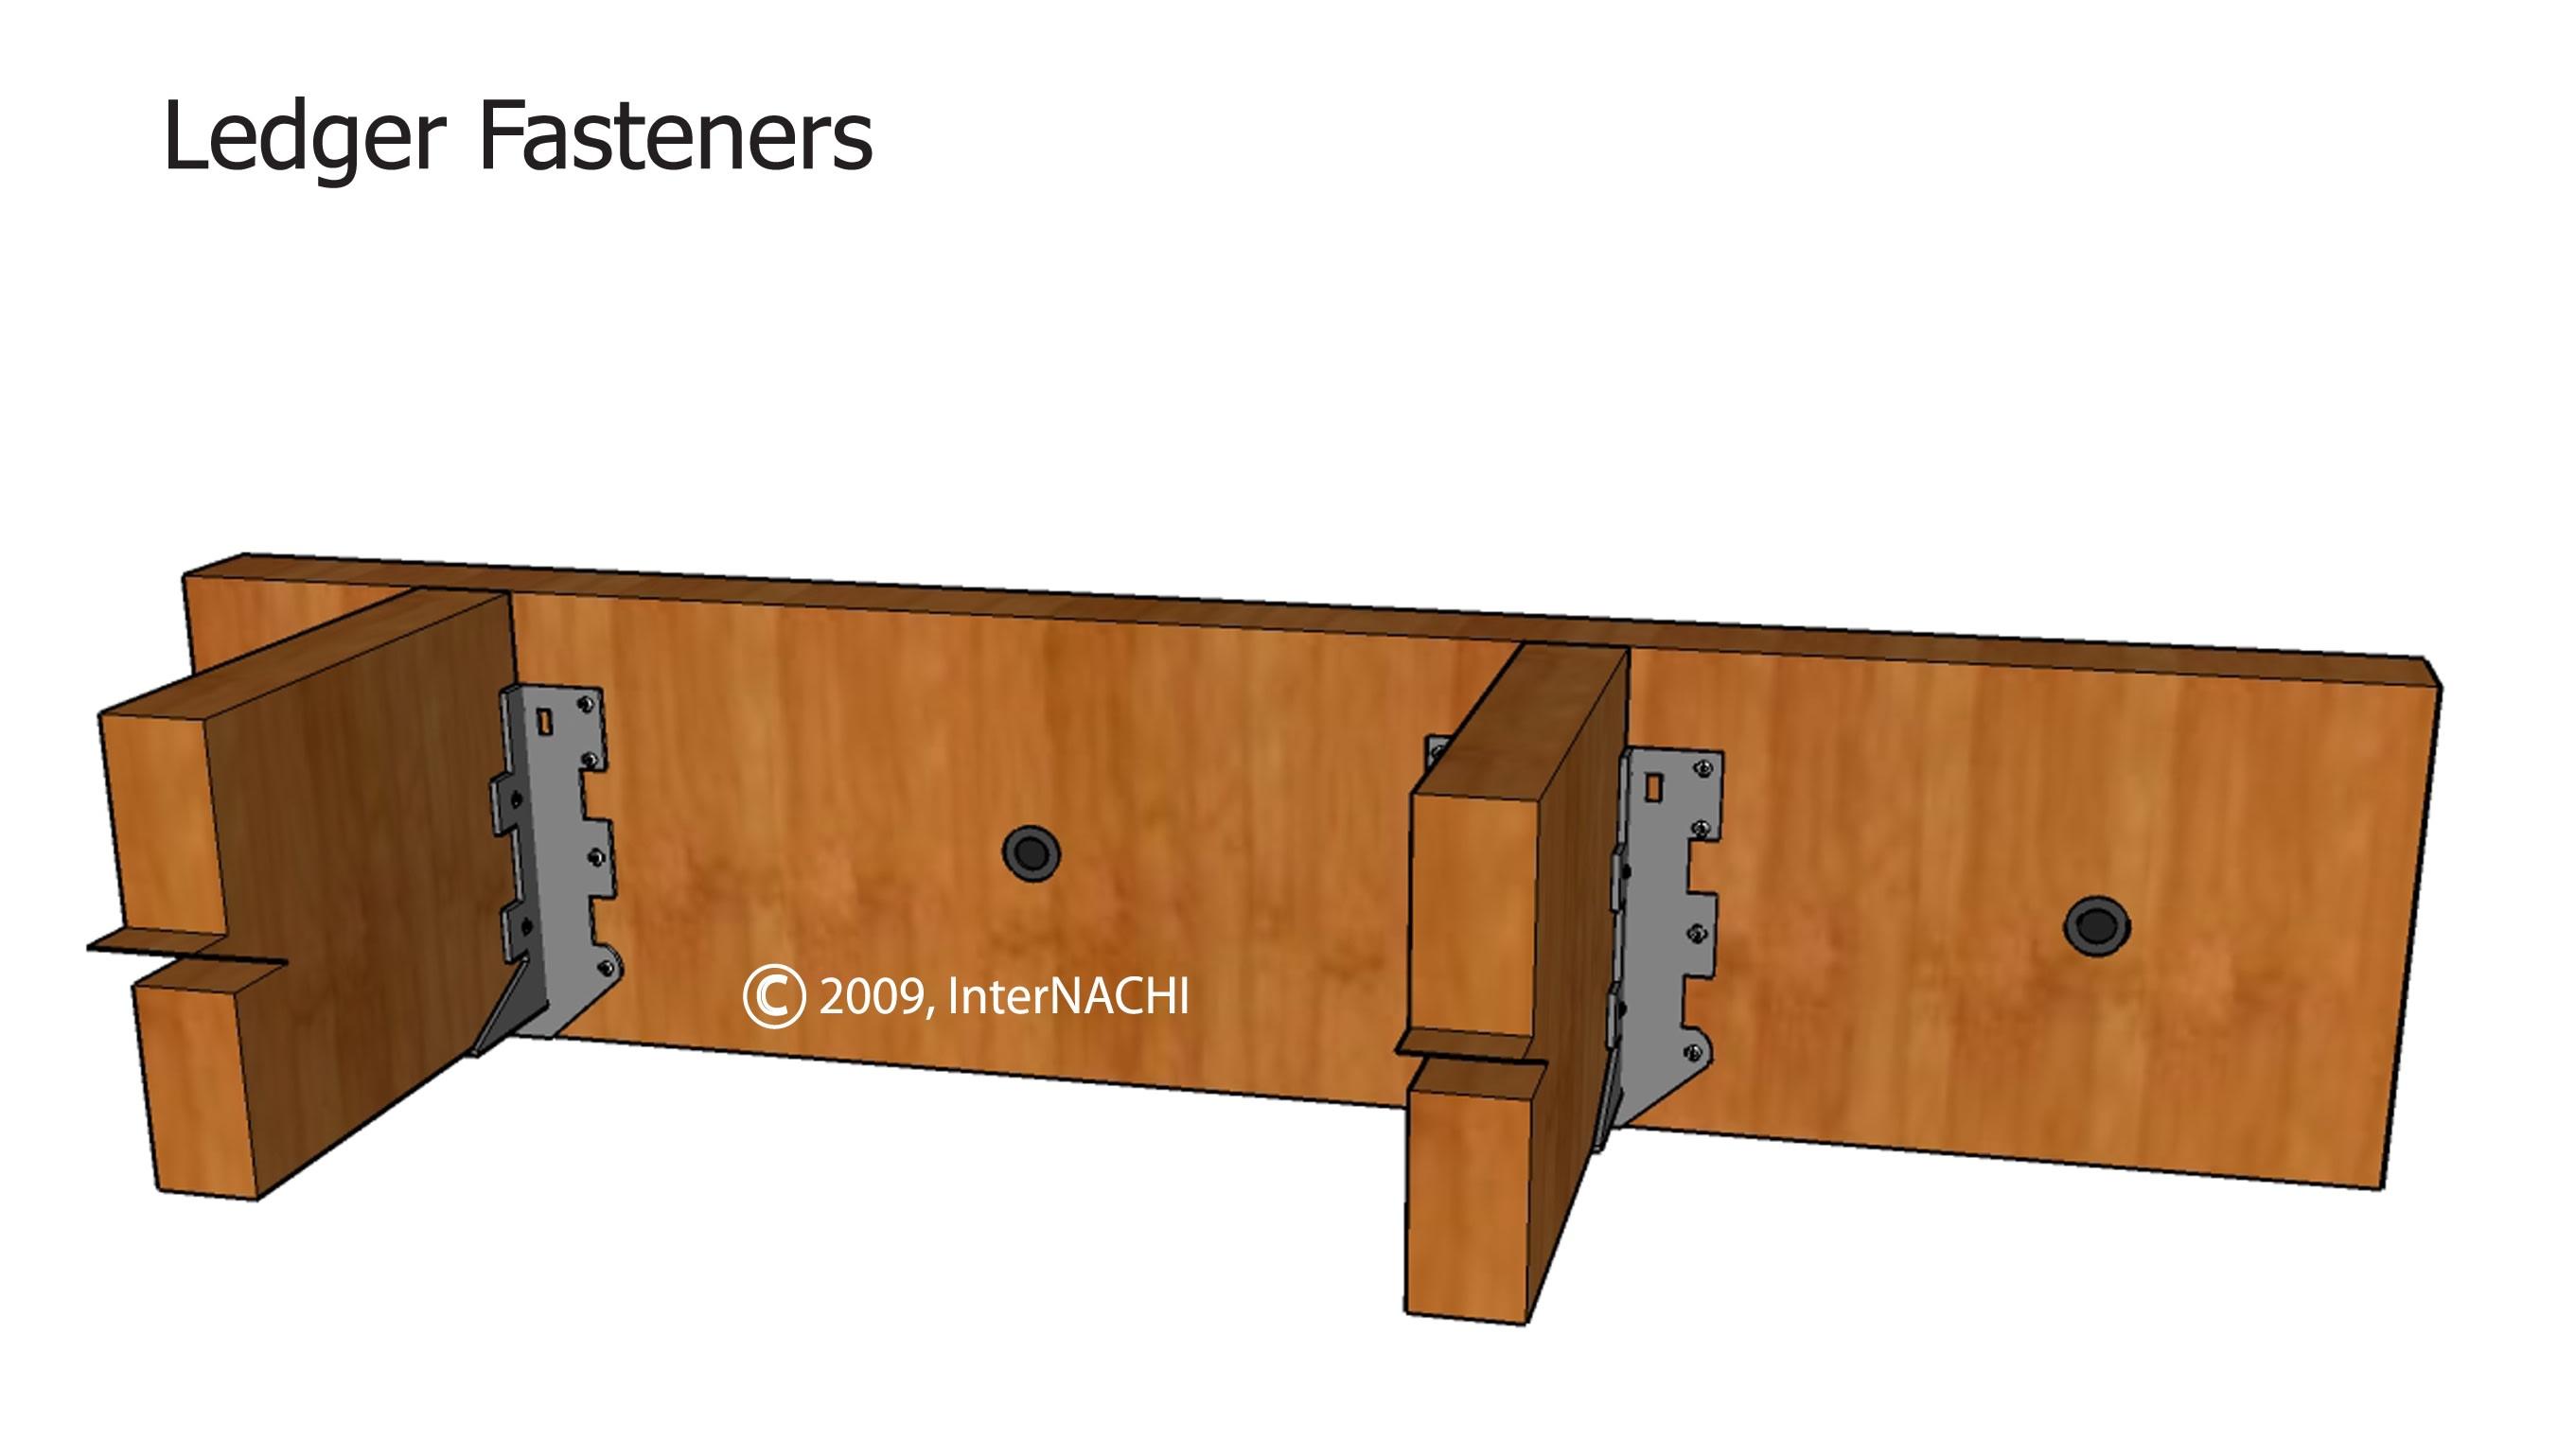 Ledger fastner positioning (incorrect).